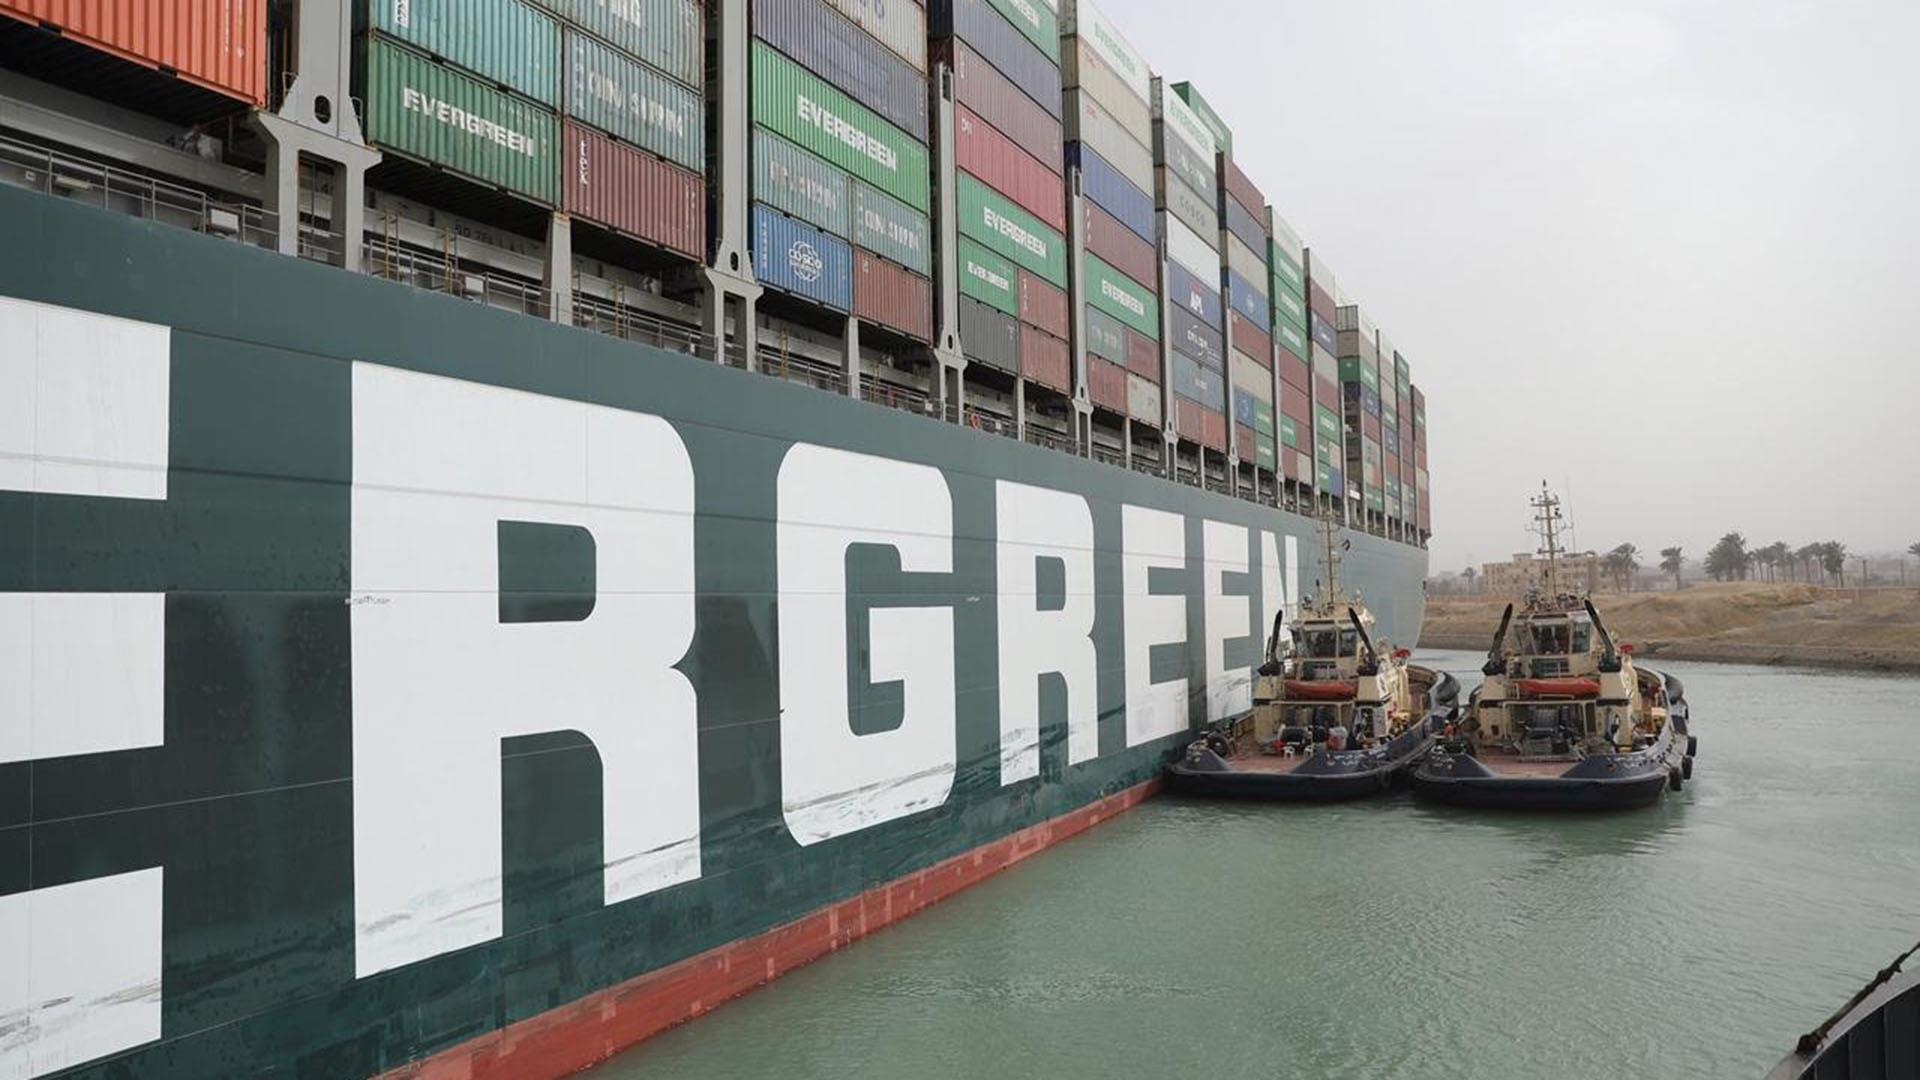 Vụ tắc kênh đào Suez: cơ hội cho nhà sản xuất container Trung Quốc kiếm lời - Ảnh 1.